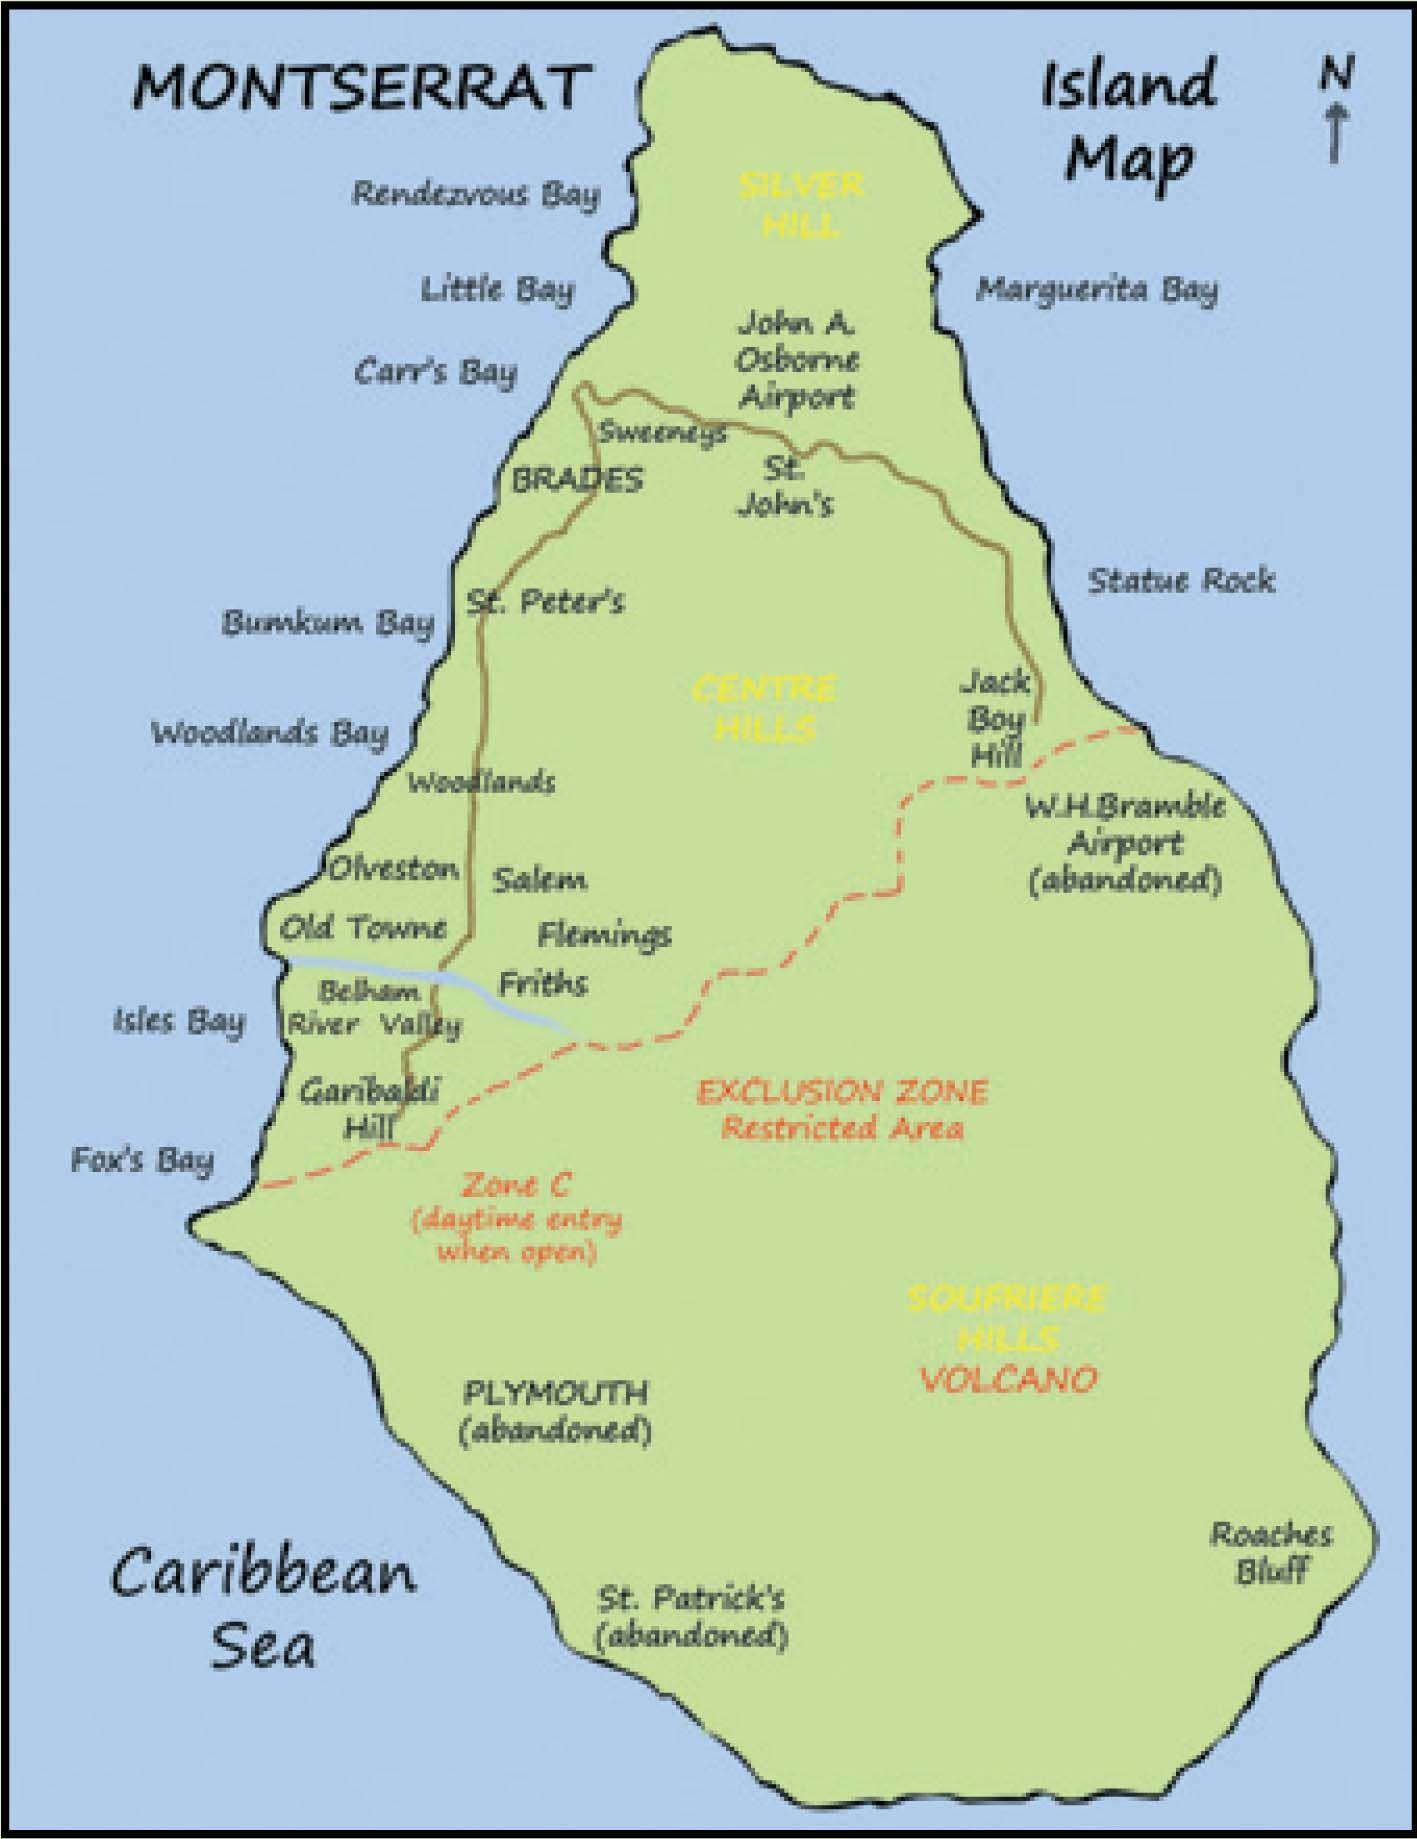 Montserrat Island Map, British West Indies | Montserrat | Island ...